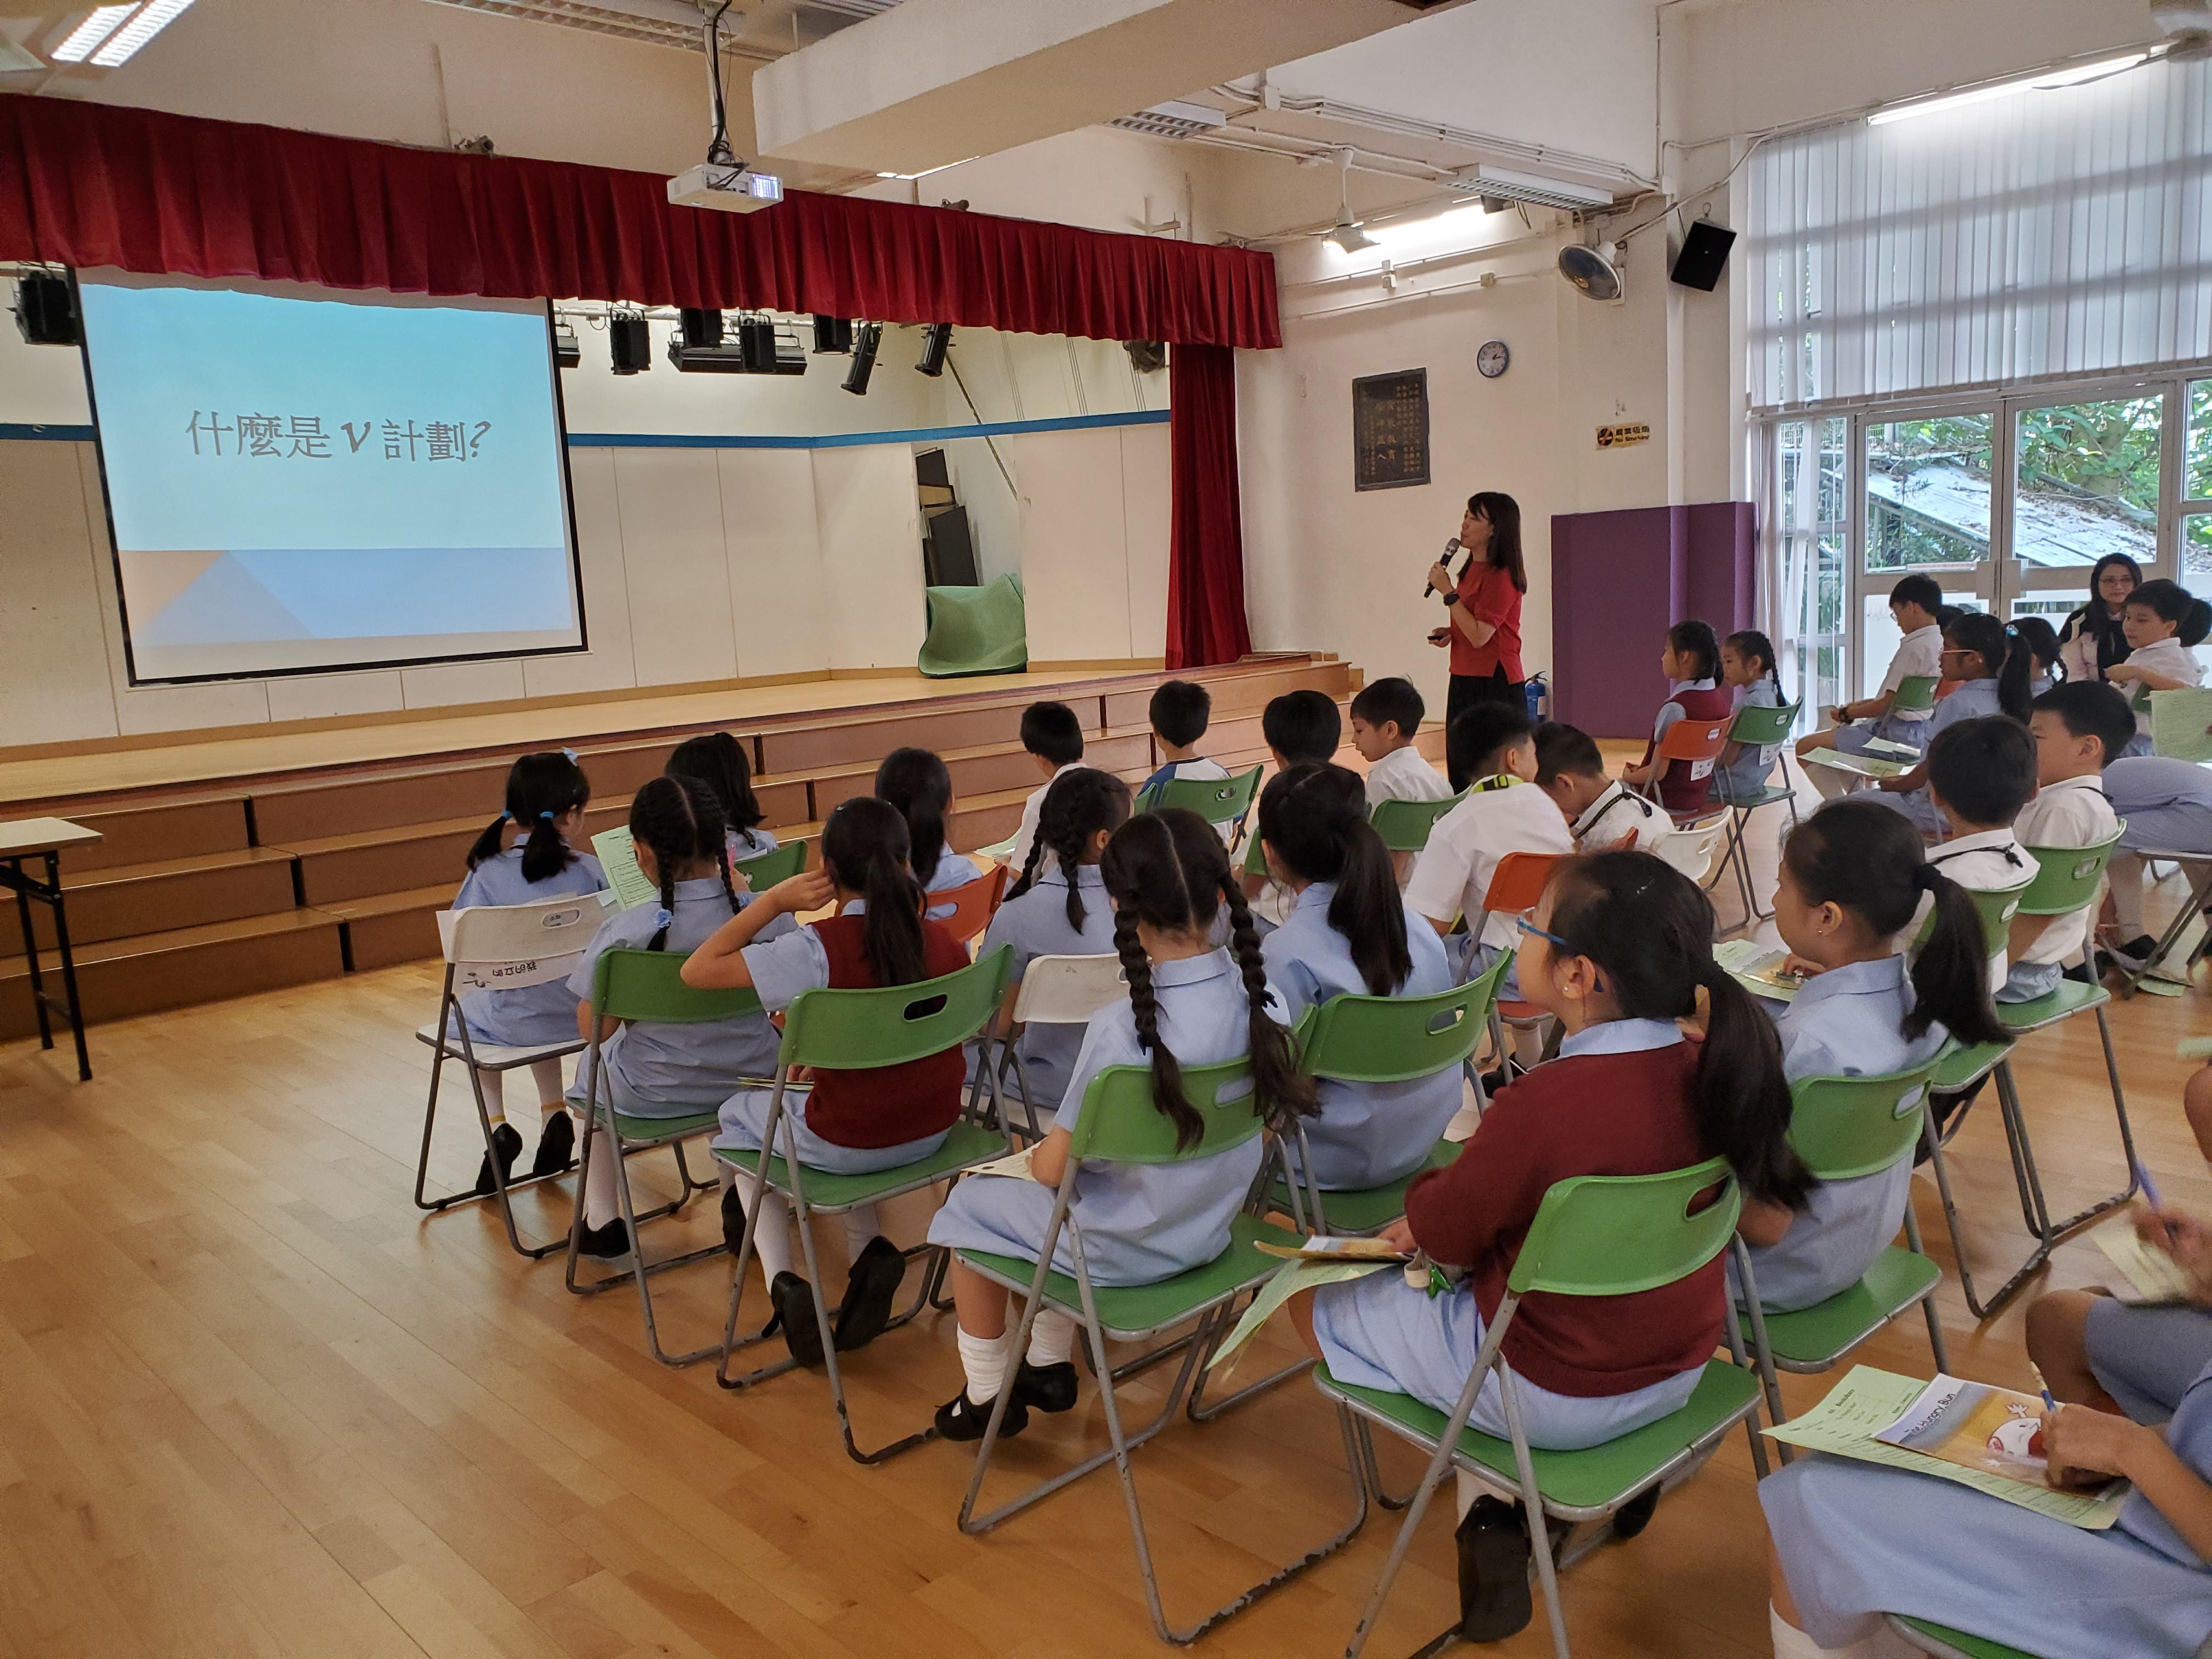 http://www.keiwan.edu.hk/sites/default/files/20191016_131326.jpg